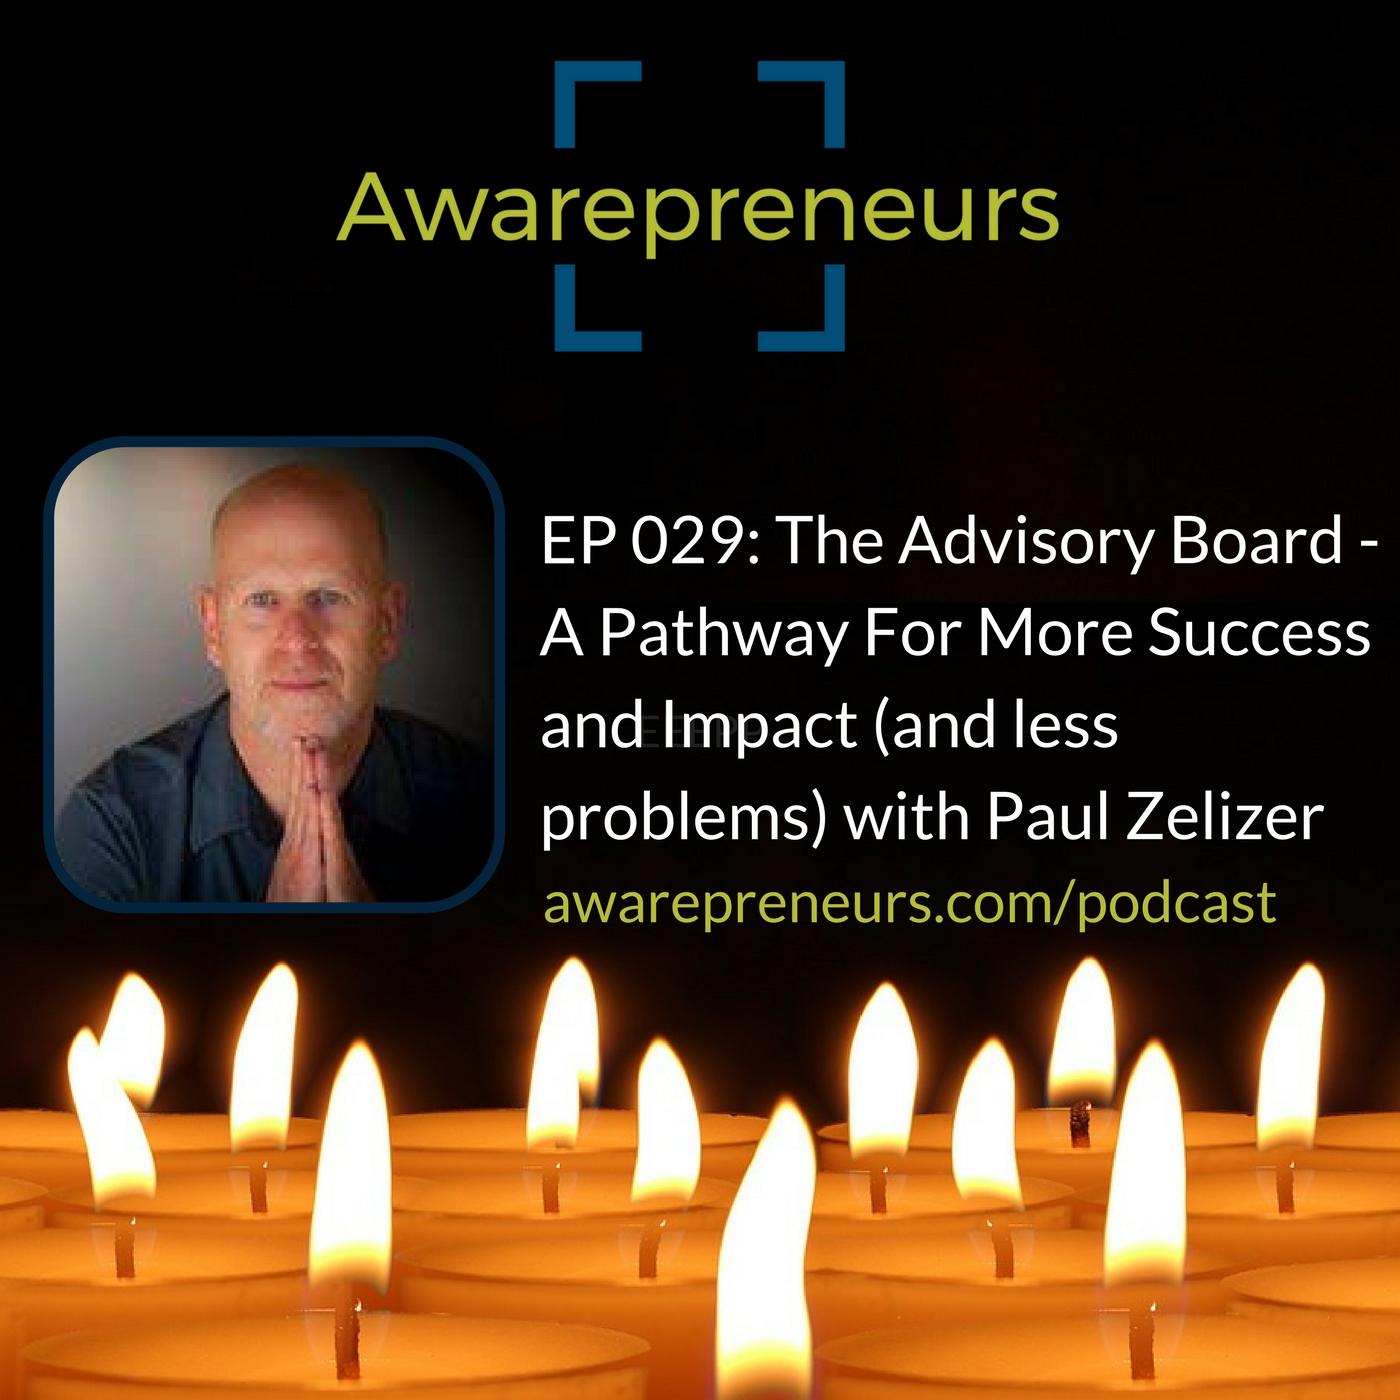 EP 029 Paul Zelizer.jpg